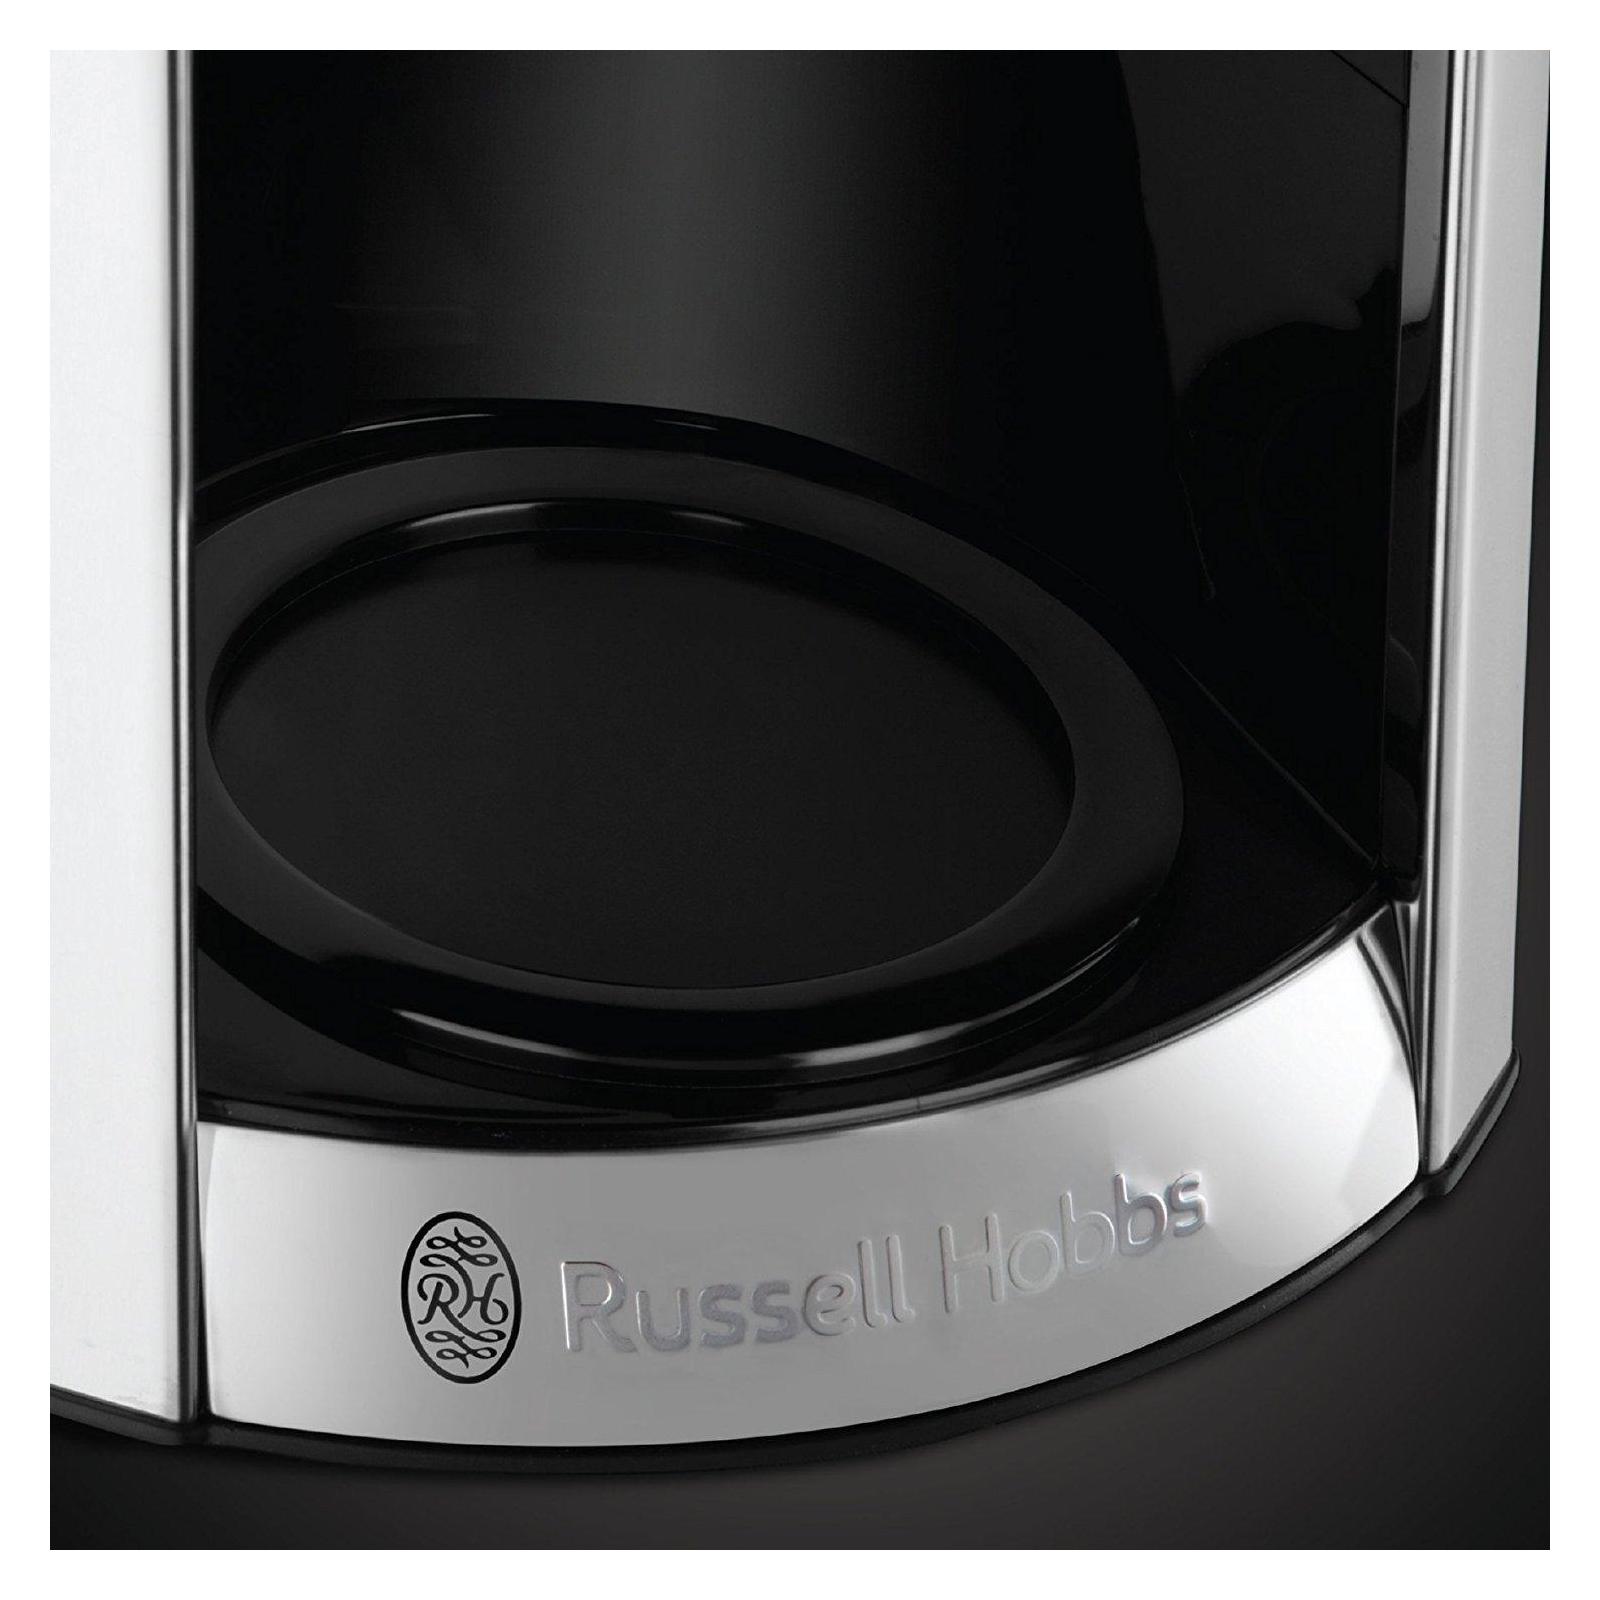 Кофеварка Russell Hobbs Moonlight Grey (23241-56) изображение 3